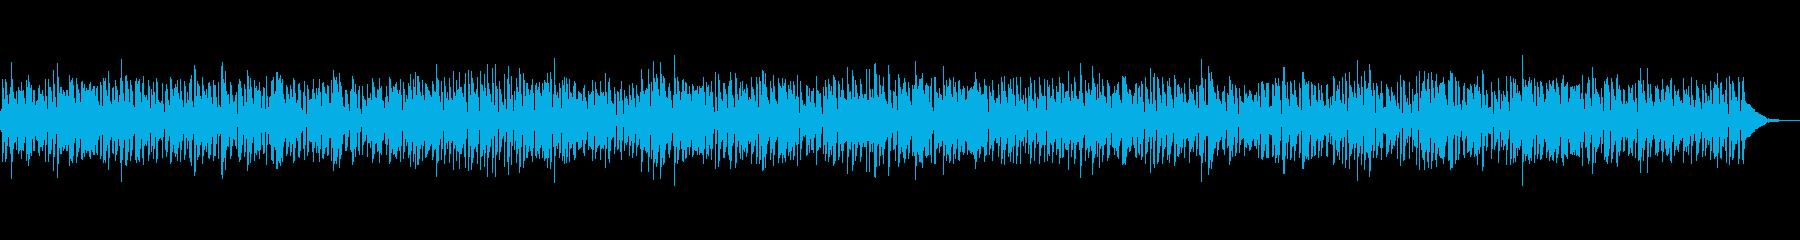 おしゃれなボサノバギターとジャズピアノの再生済みの波形